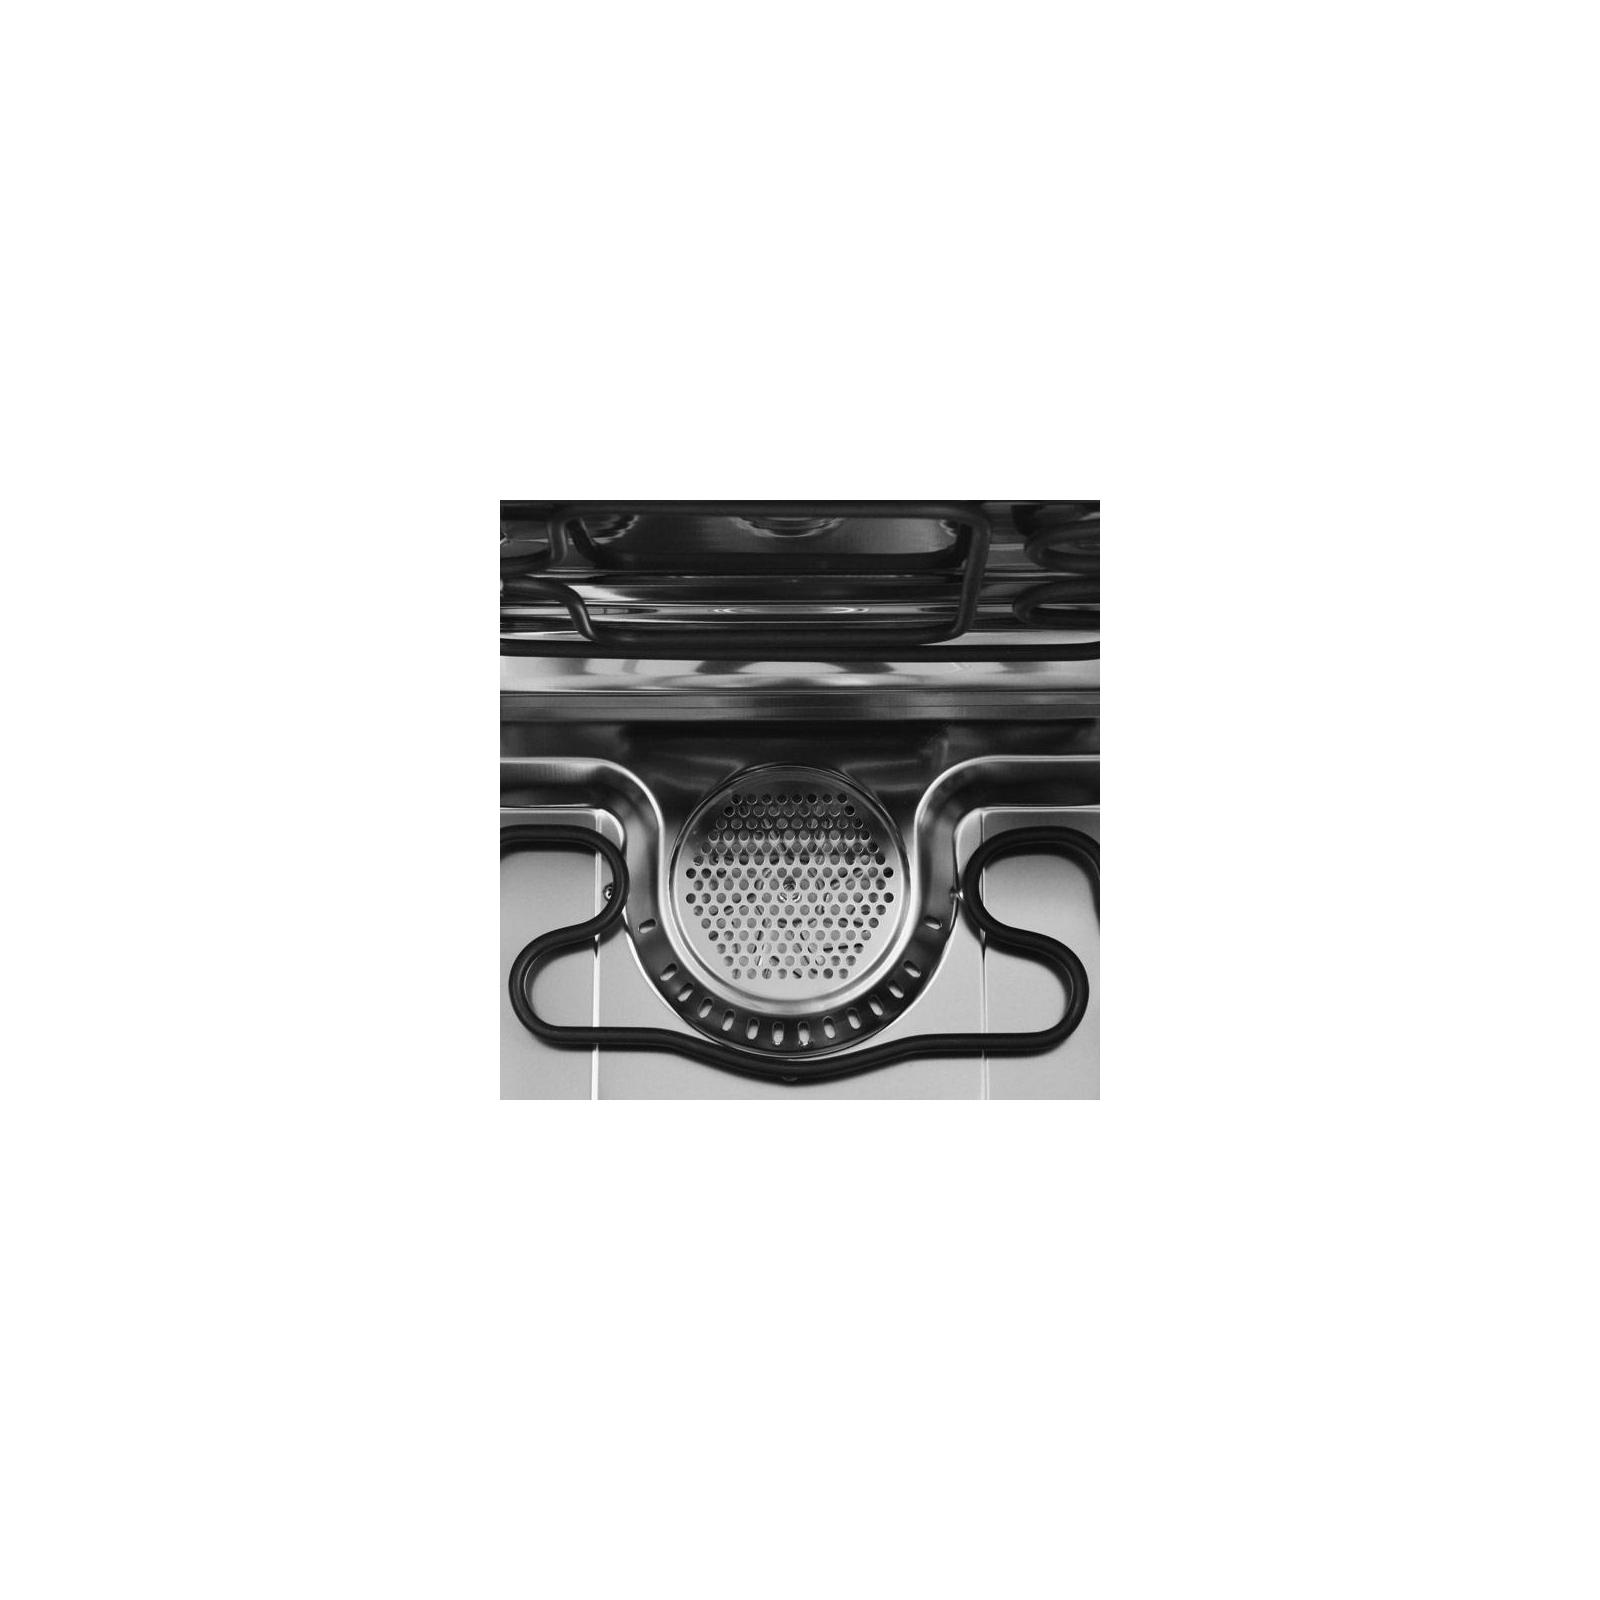 Микроволновая печь MIDEA AW925EXG изображение 6